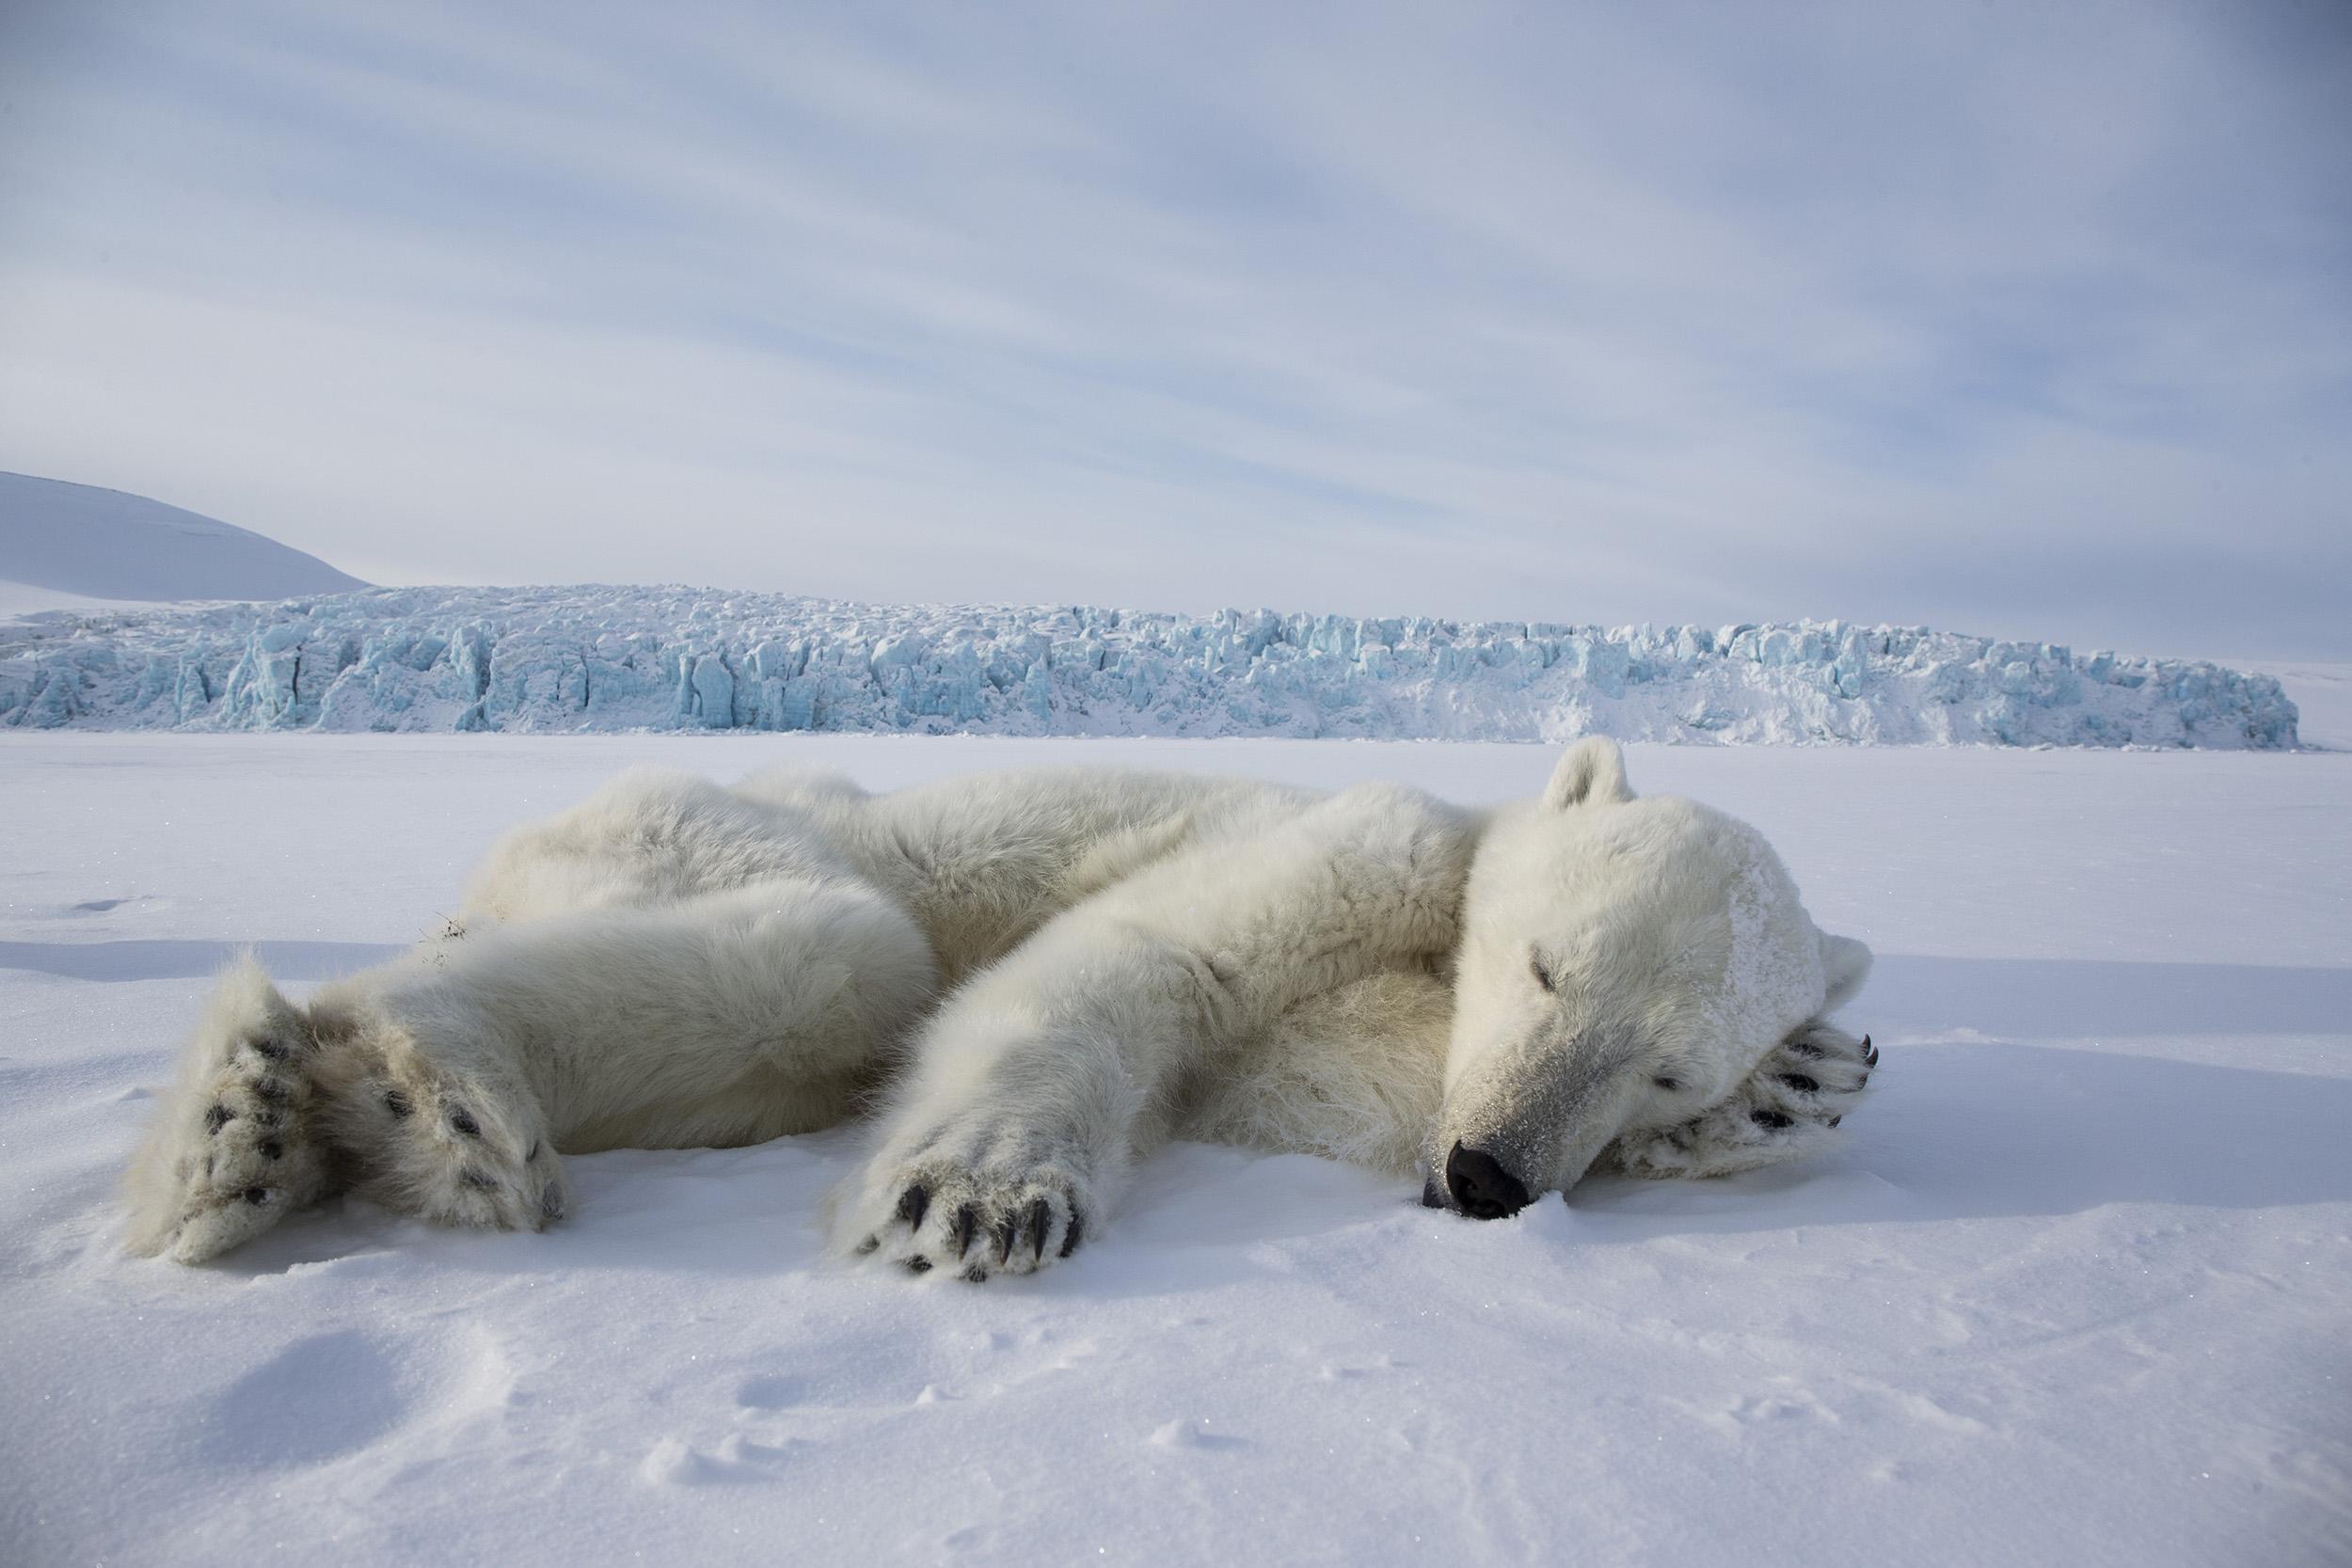 foto van een ijsbeer in de sneeuw liggend